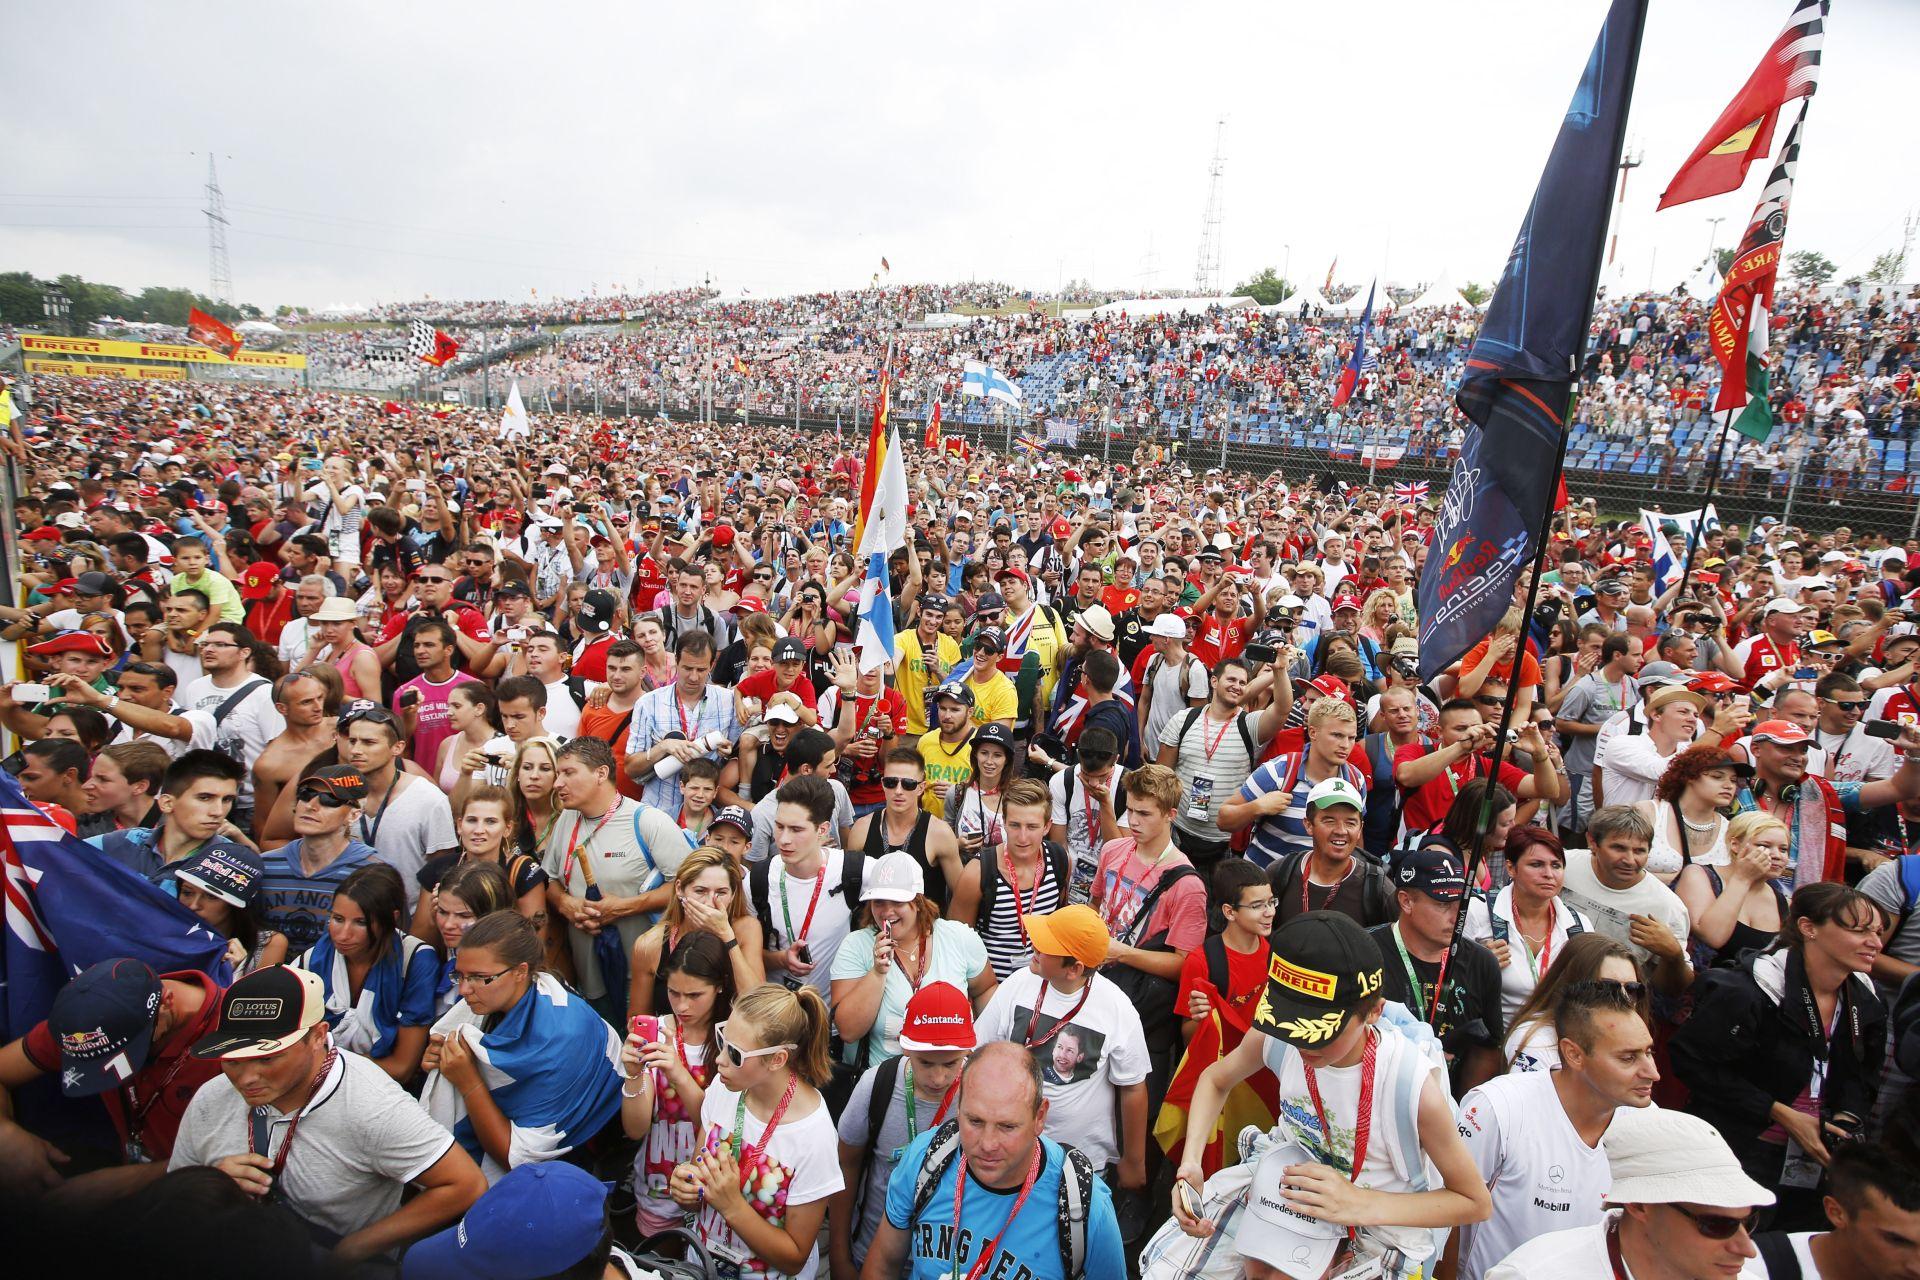 Gondok lehetnek a naptárral a Forma-1-ben : A Hungaroring érinthetetlen, Monza alatt rezeg a léc